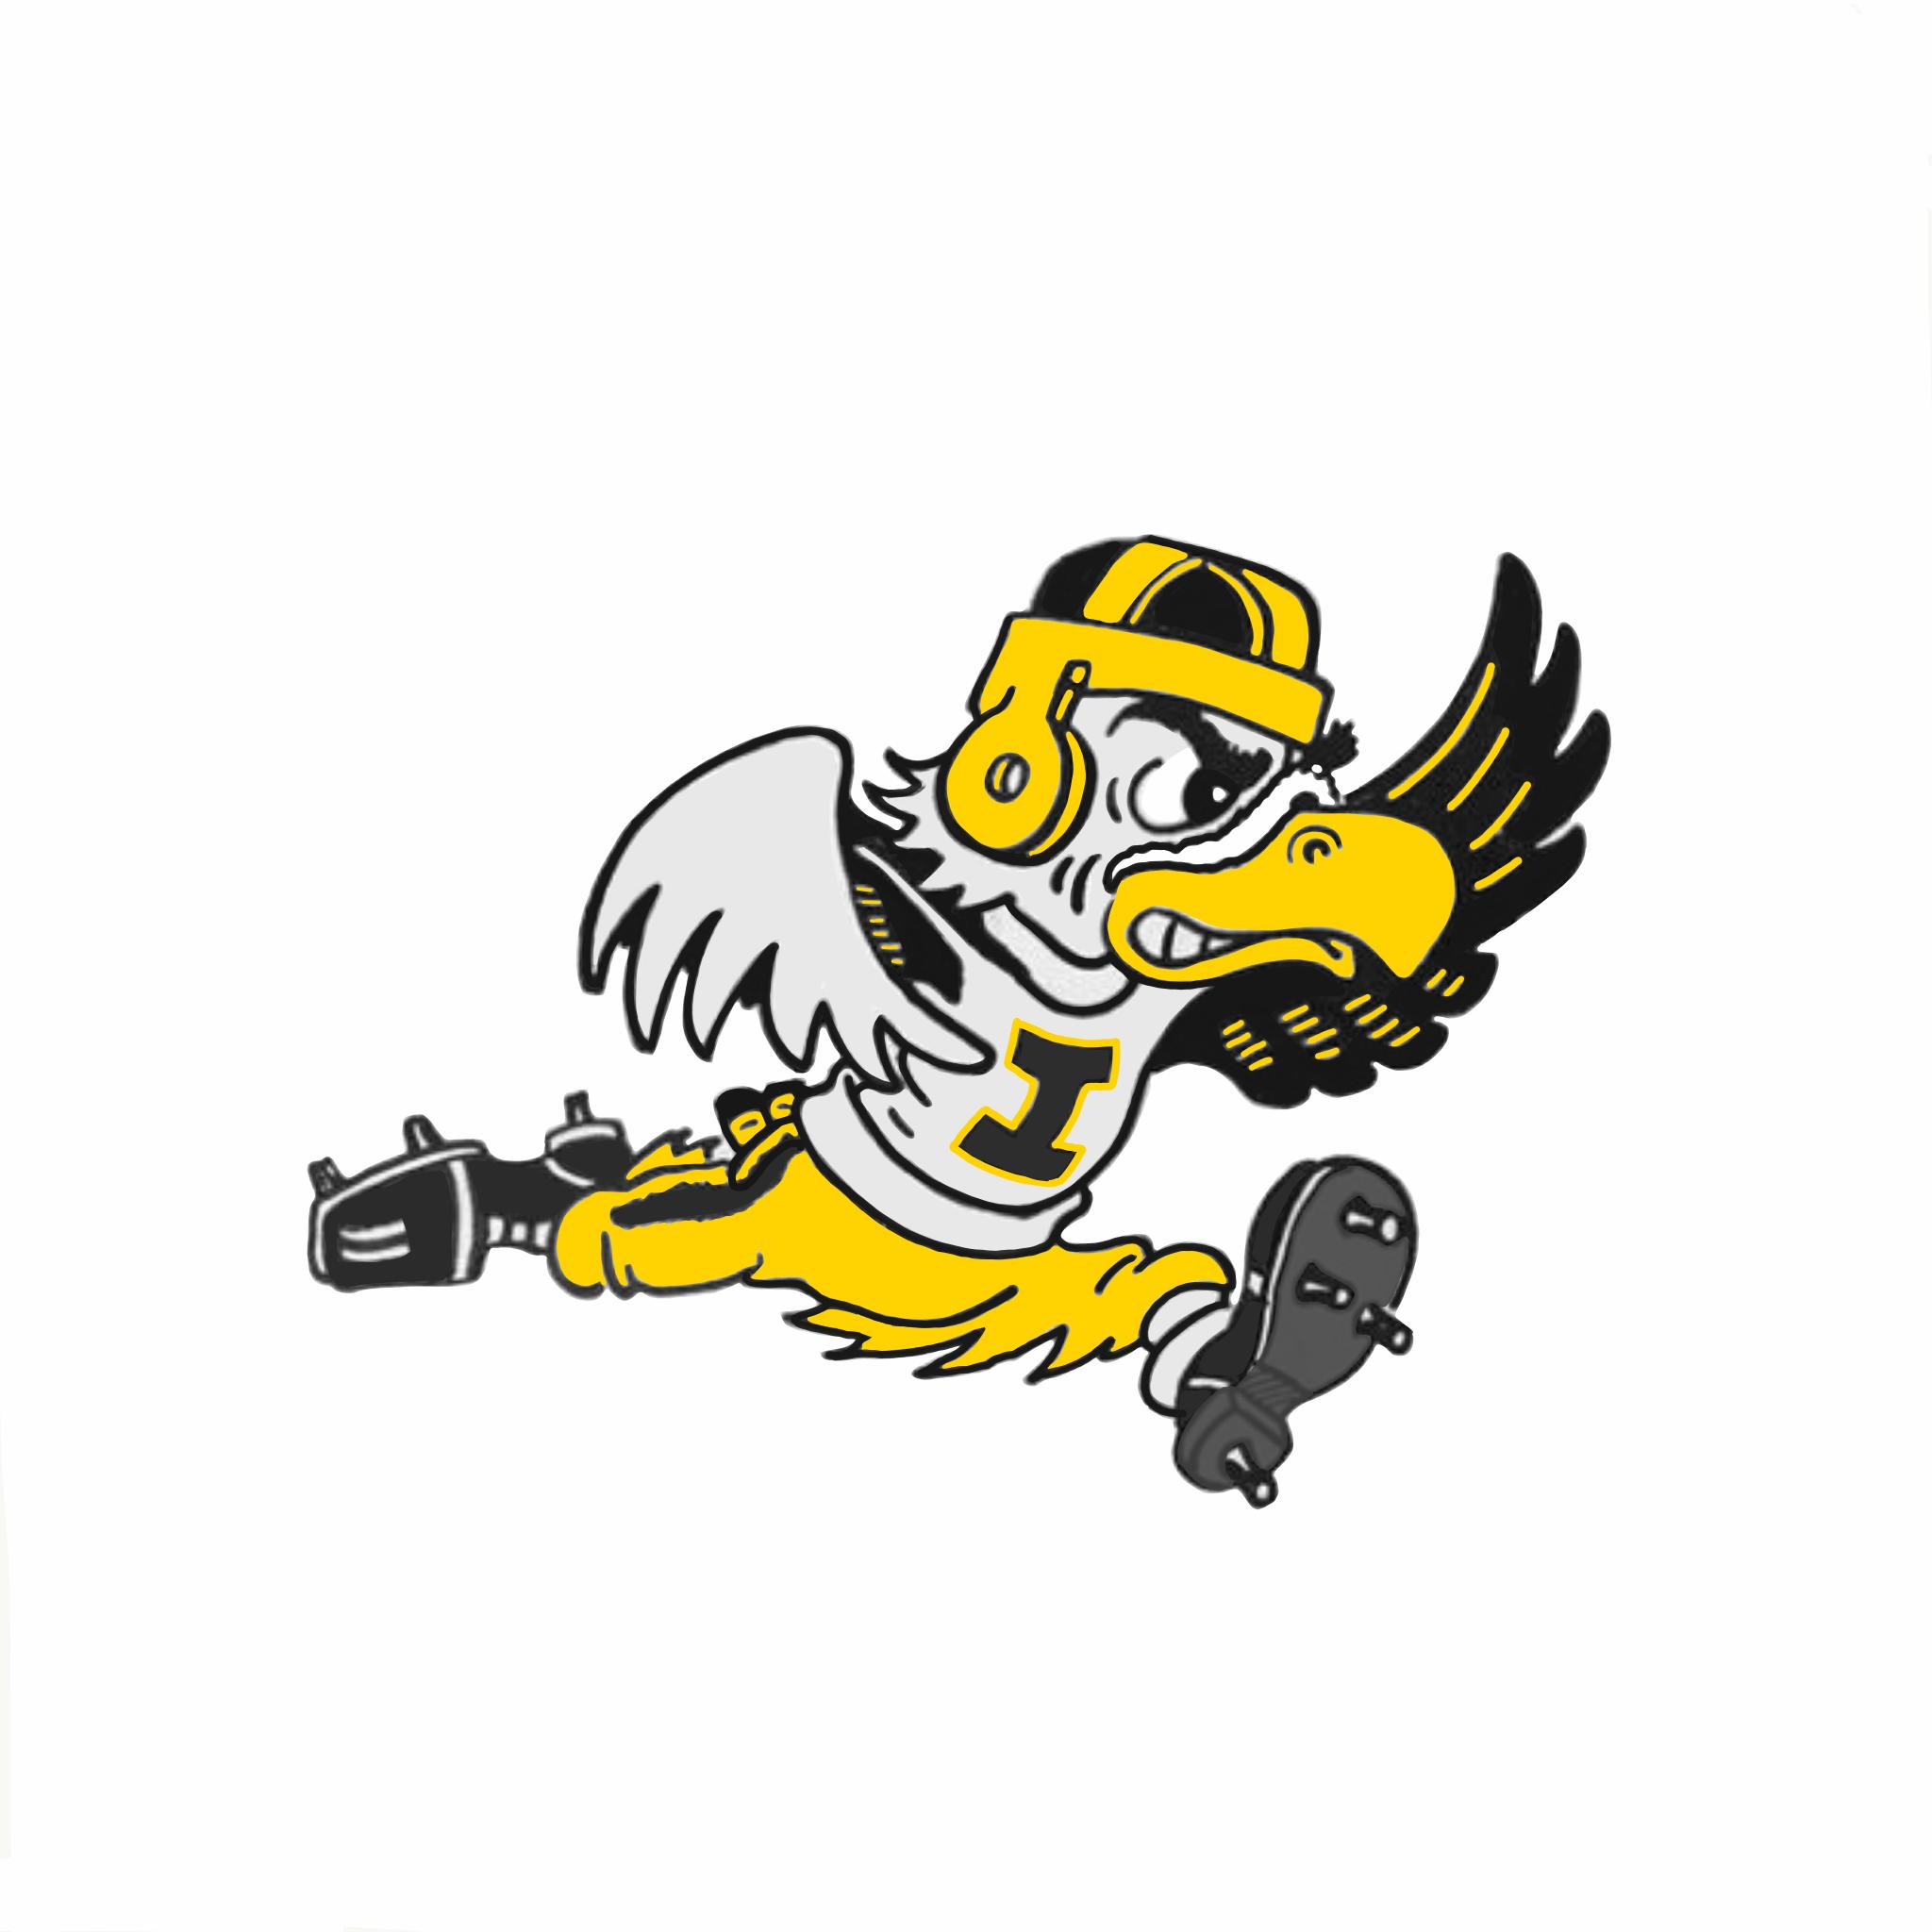 Oregon Herky In 2020 Iowa Iowa Hawkeyes Hawkeyes